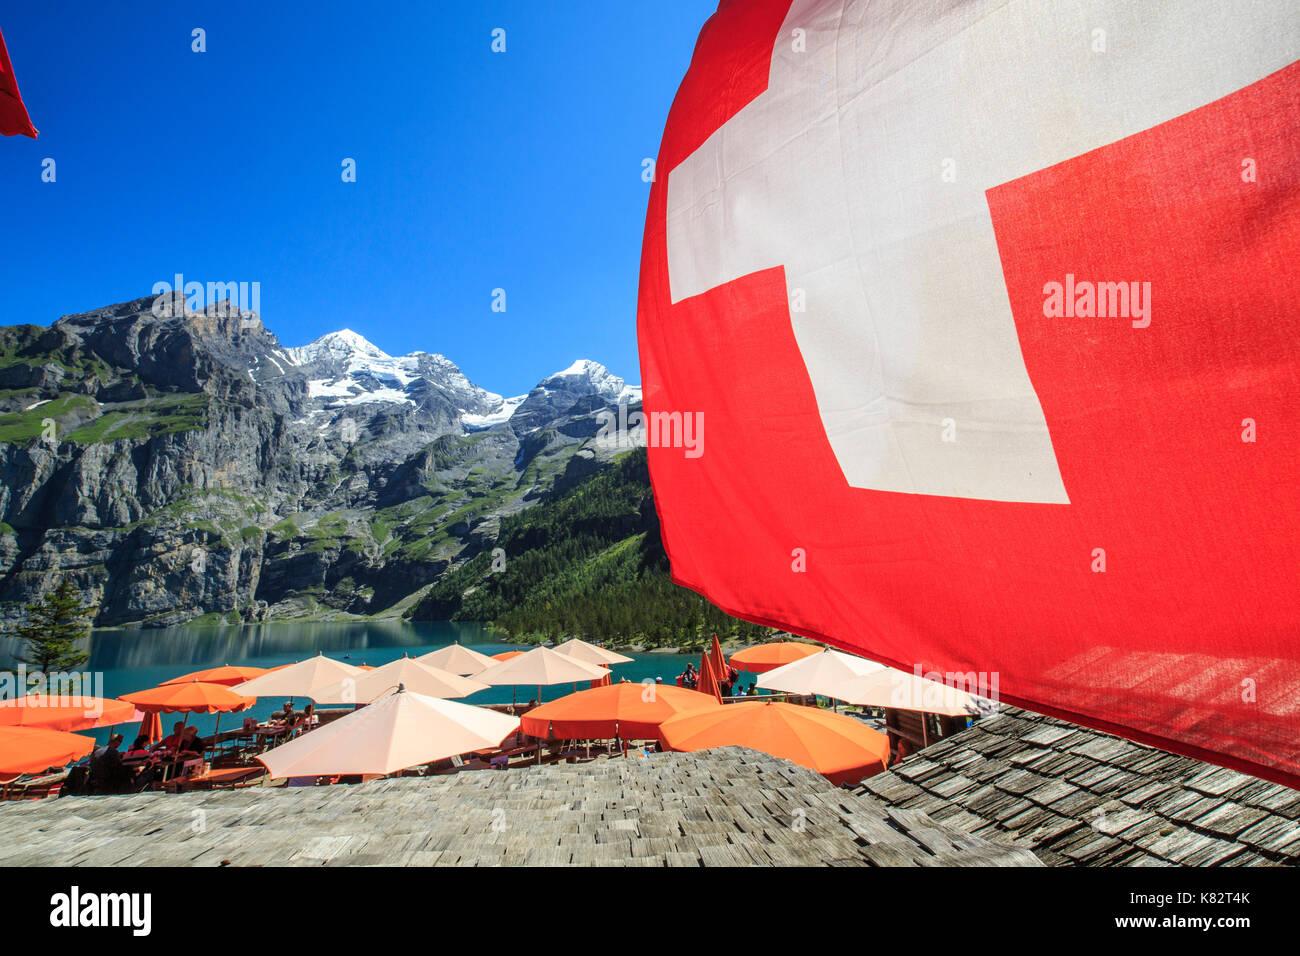 Los turistas relajarse en el lago oeschinensee Oberland bernés kandersteg cantón de Berna, Suiza, Europa Foto de stock